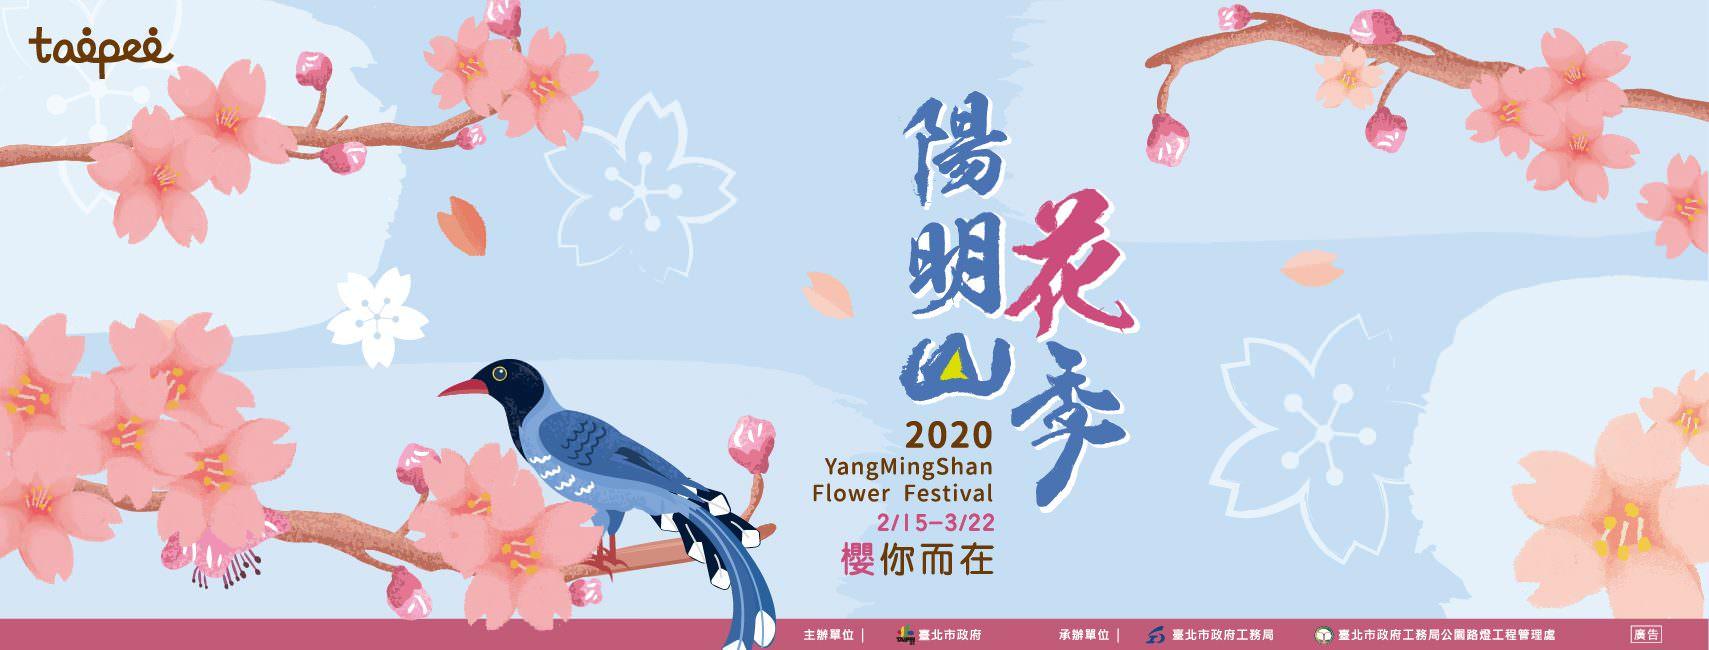 【2020陽明山花季】2/15~3/22櫻你而在!賞花路線、交管、住宿懶人包!(持續更新)